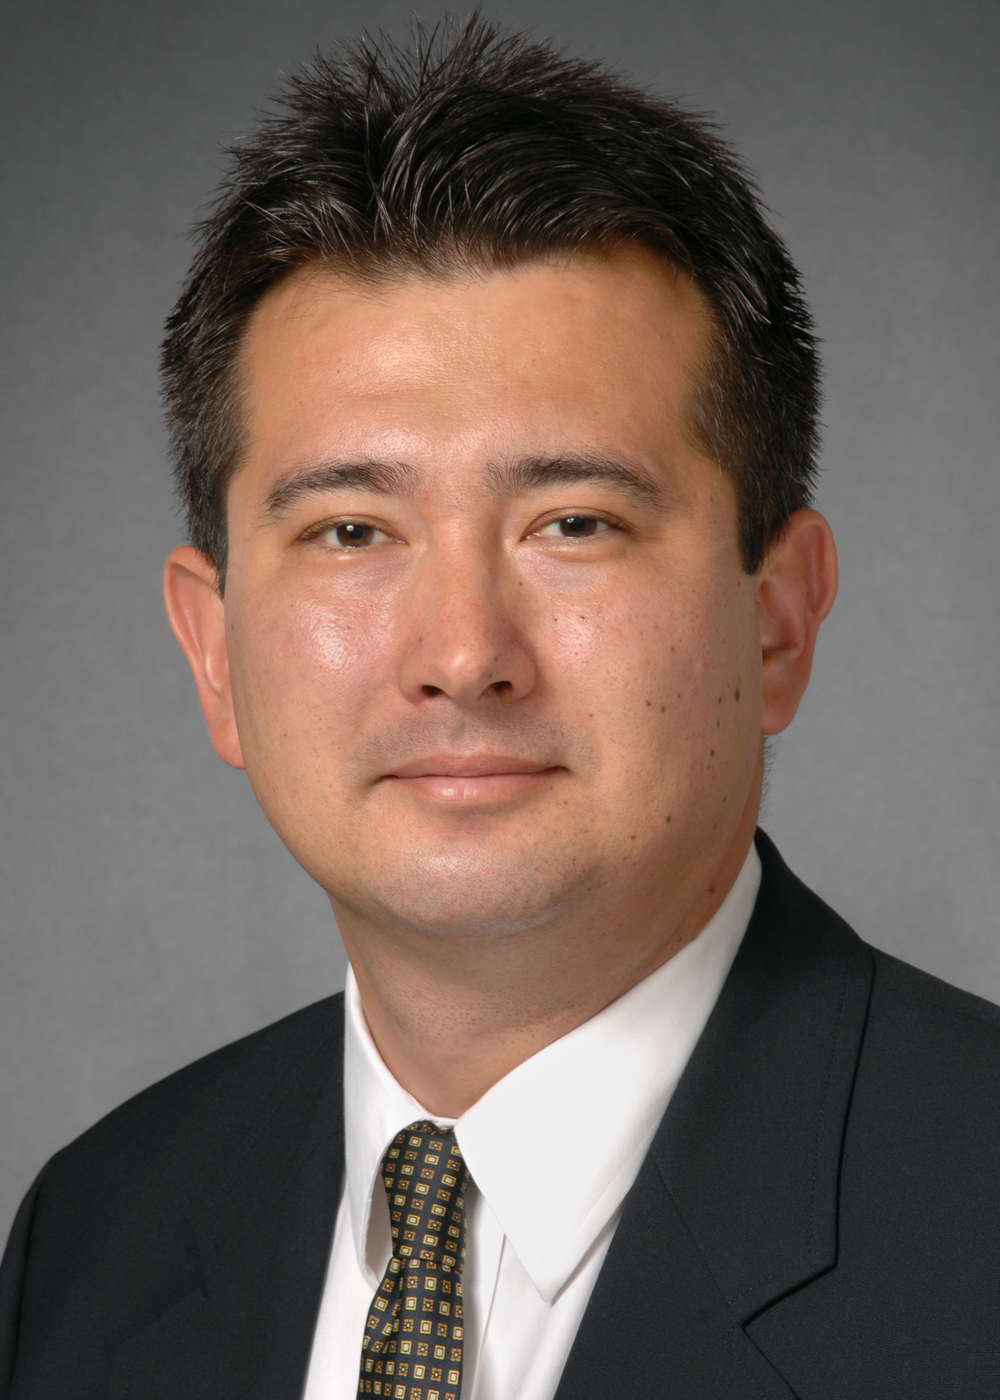 Dr. Walter Illman